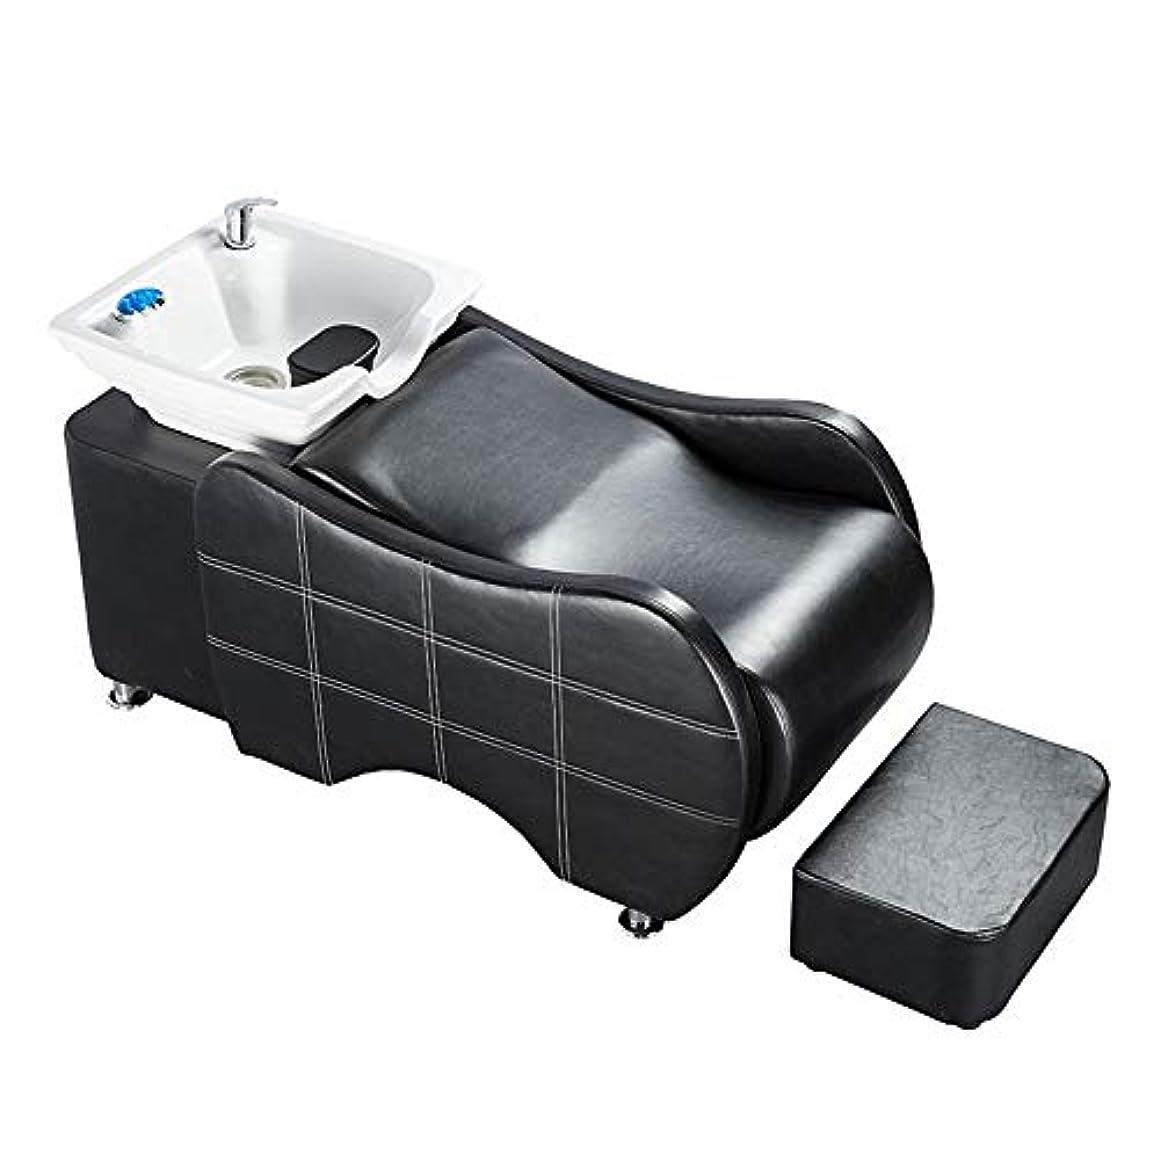 マイコンコインオッズシャンプーの理髪師の逆洗の椅子、鉱泉の美容院のための陶磁器の洗面器の逆洗の単位のシャンプーボールの流しの椅子(黒)